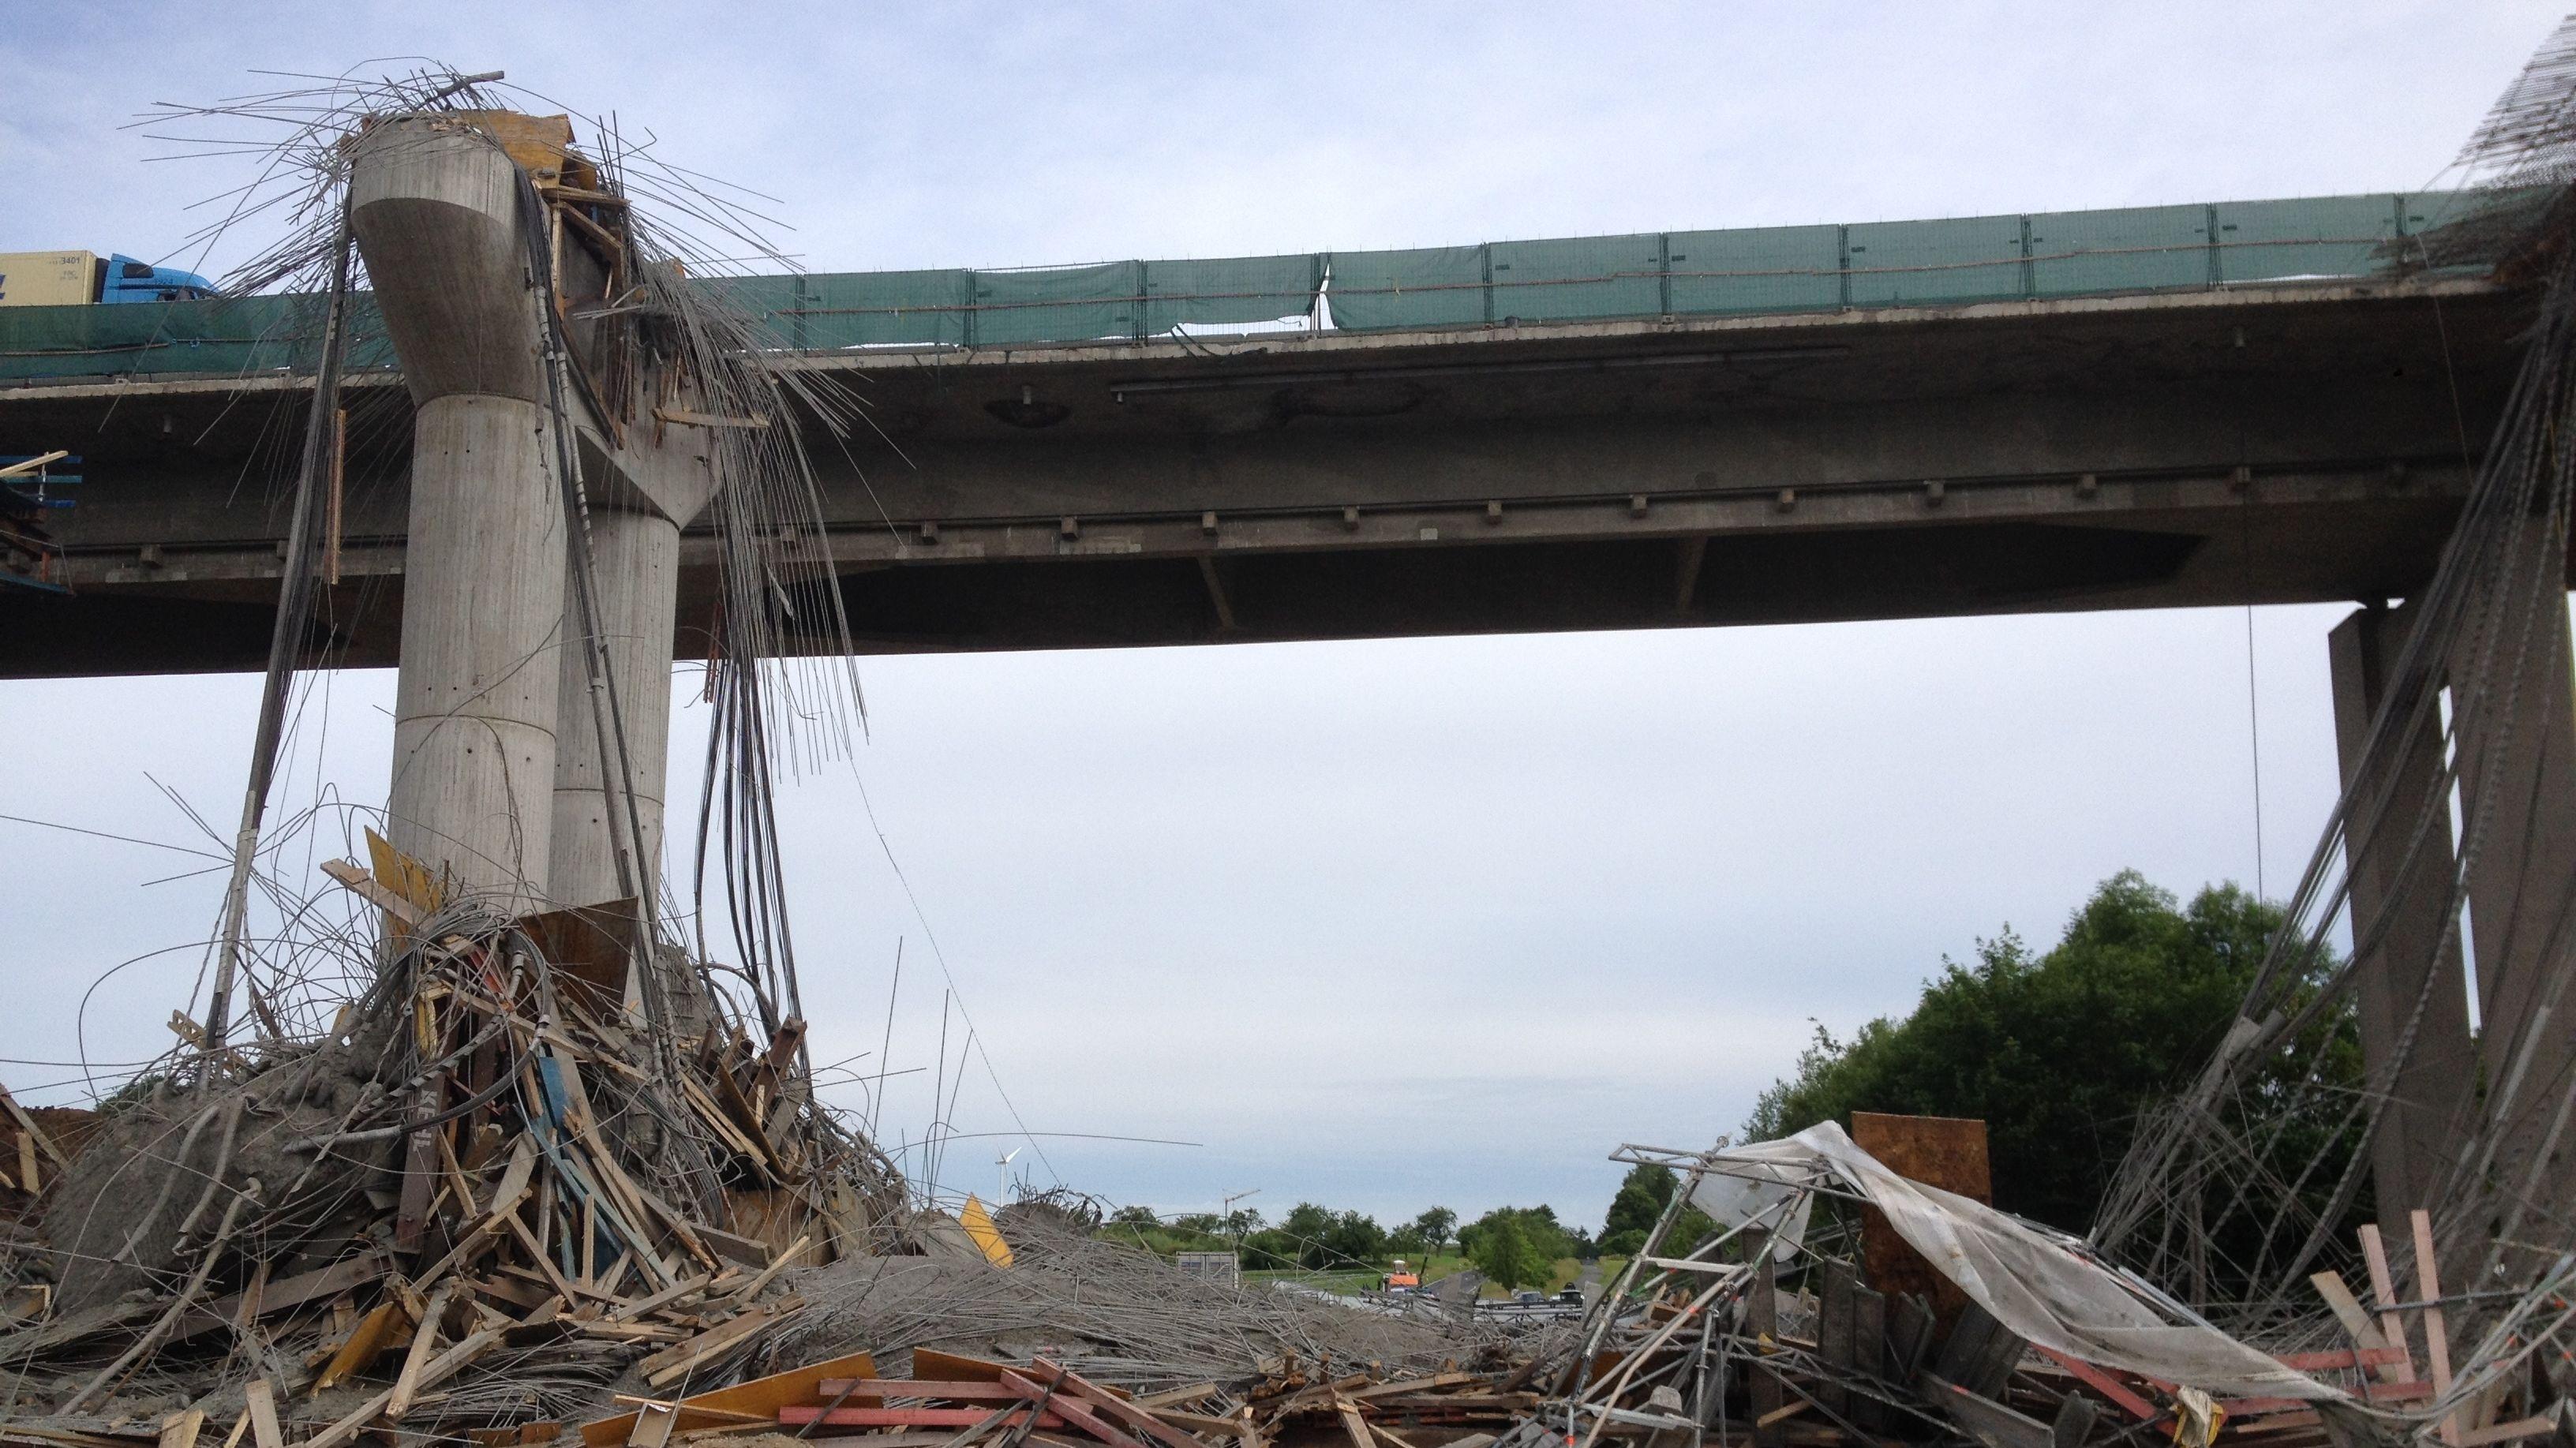 Eingestürzte Brücke bei Schraudenbach